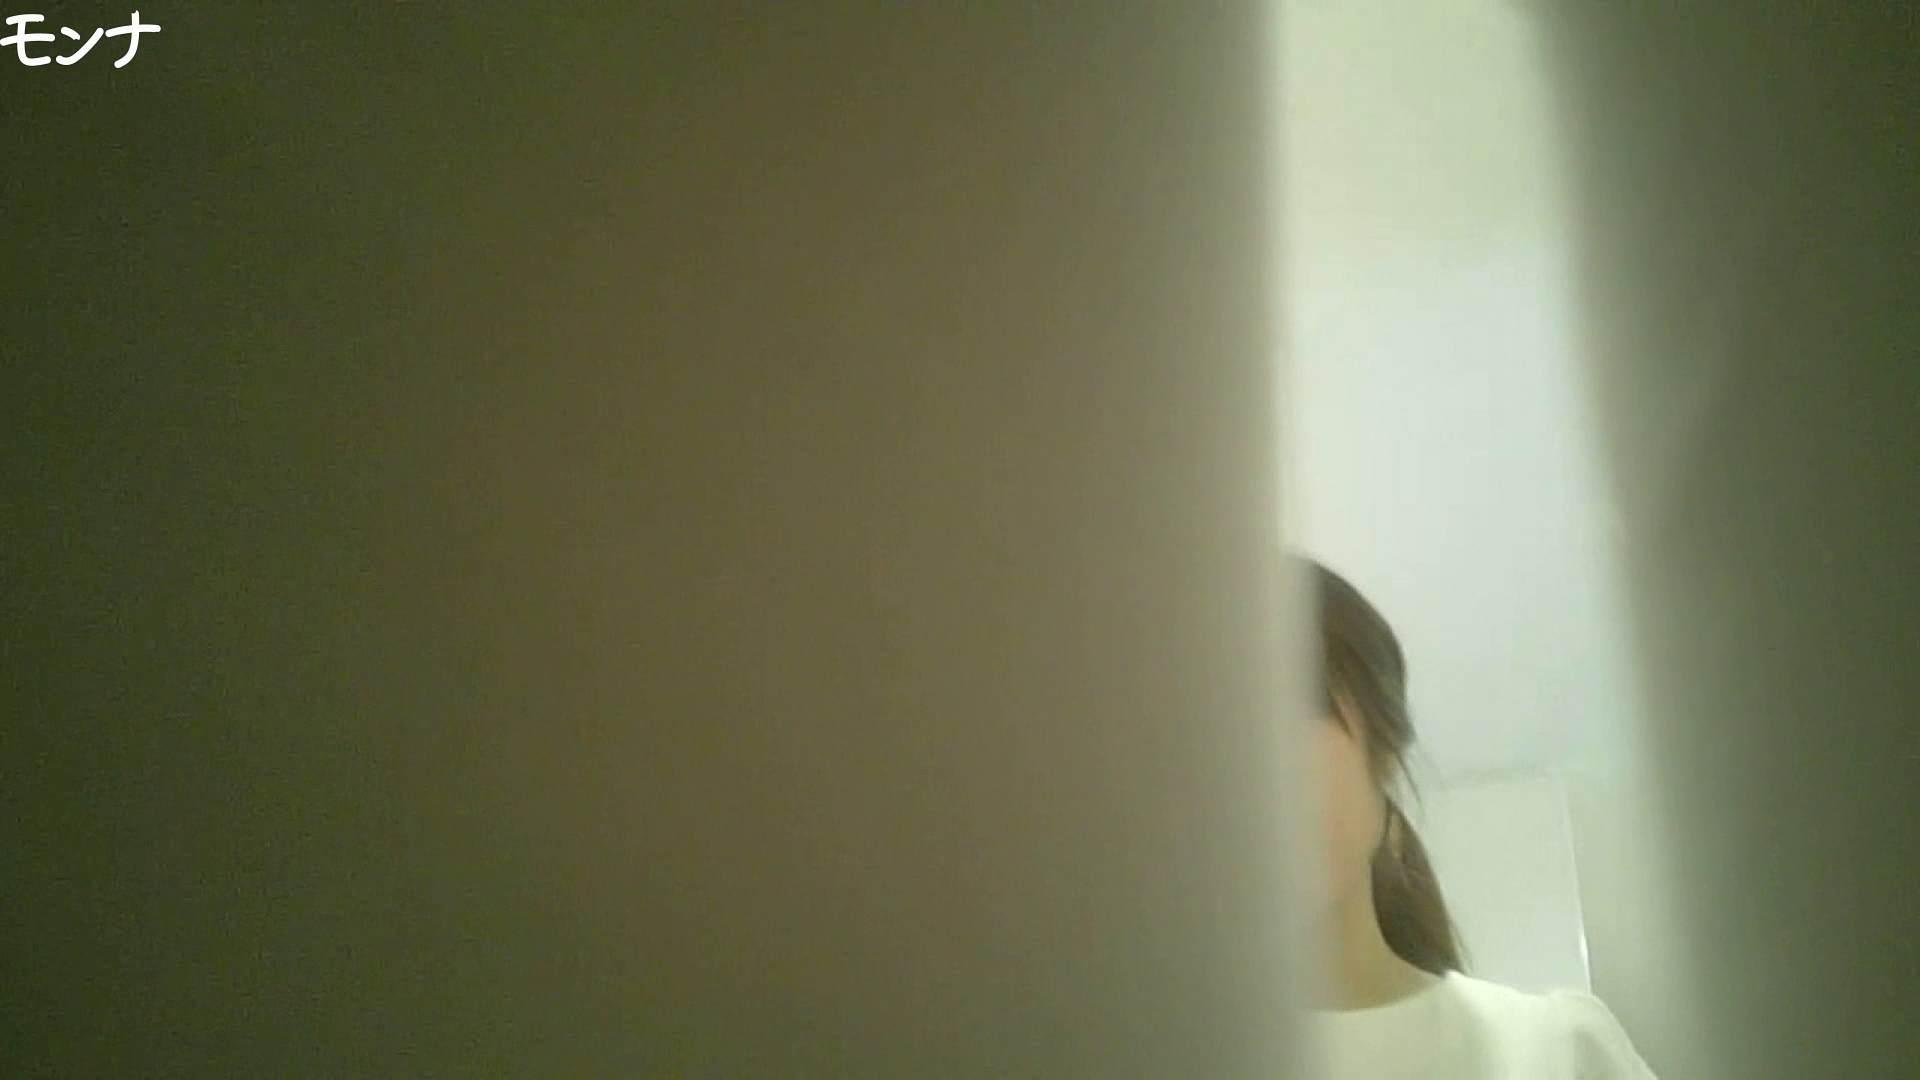 有名大学女性洗面所 vol.65 秘技!!マルチアングル天井撮り!! ギャルズ | エッチなお姉さん  15画像 12